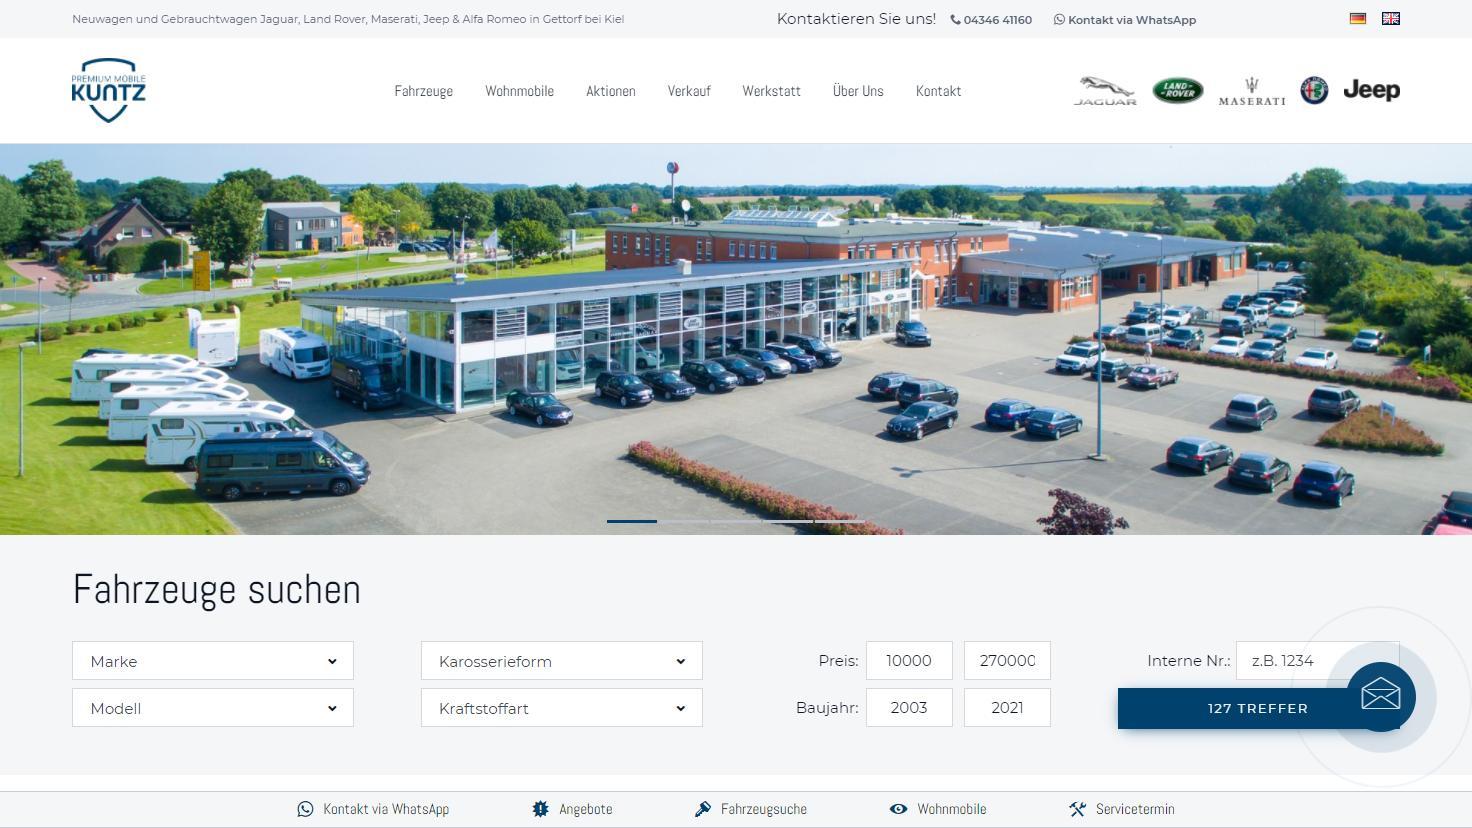 Premium Mobile Kuntz - Vertragshändler für Offroad- und Geländewagen sowie sportliche Fahrzeuge und Reisemobile